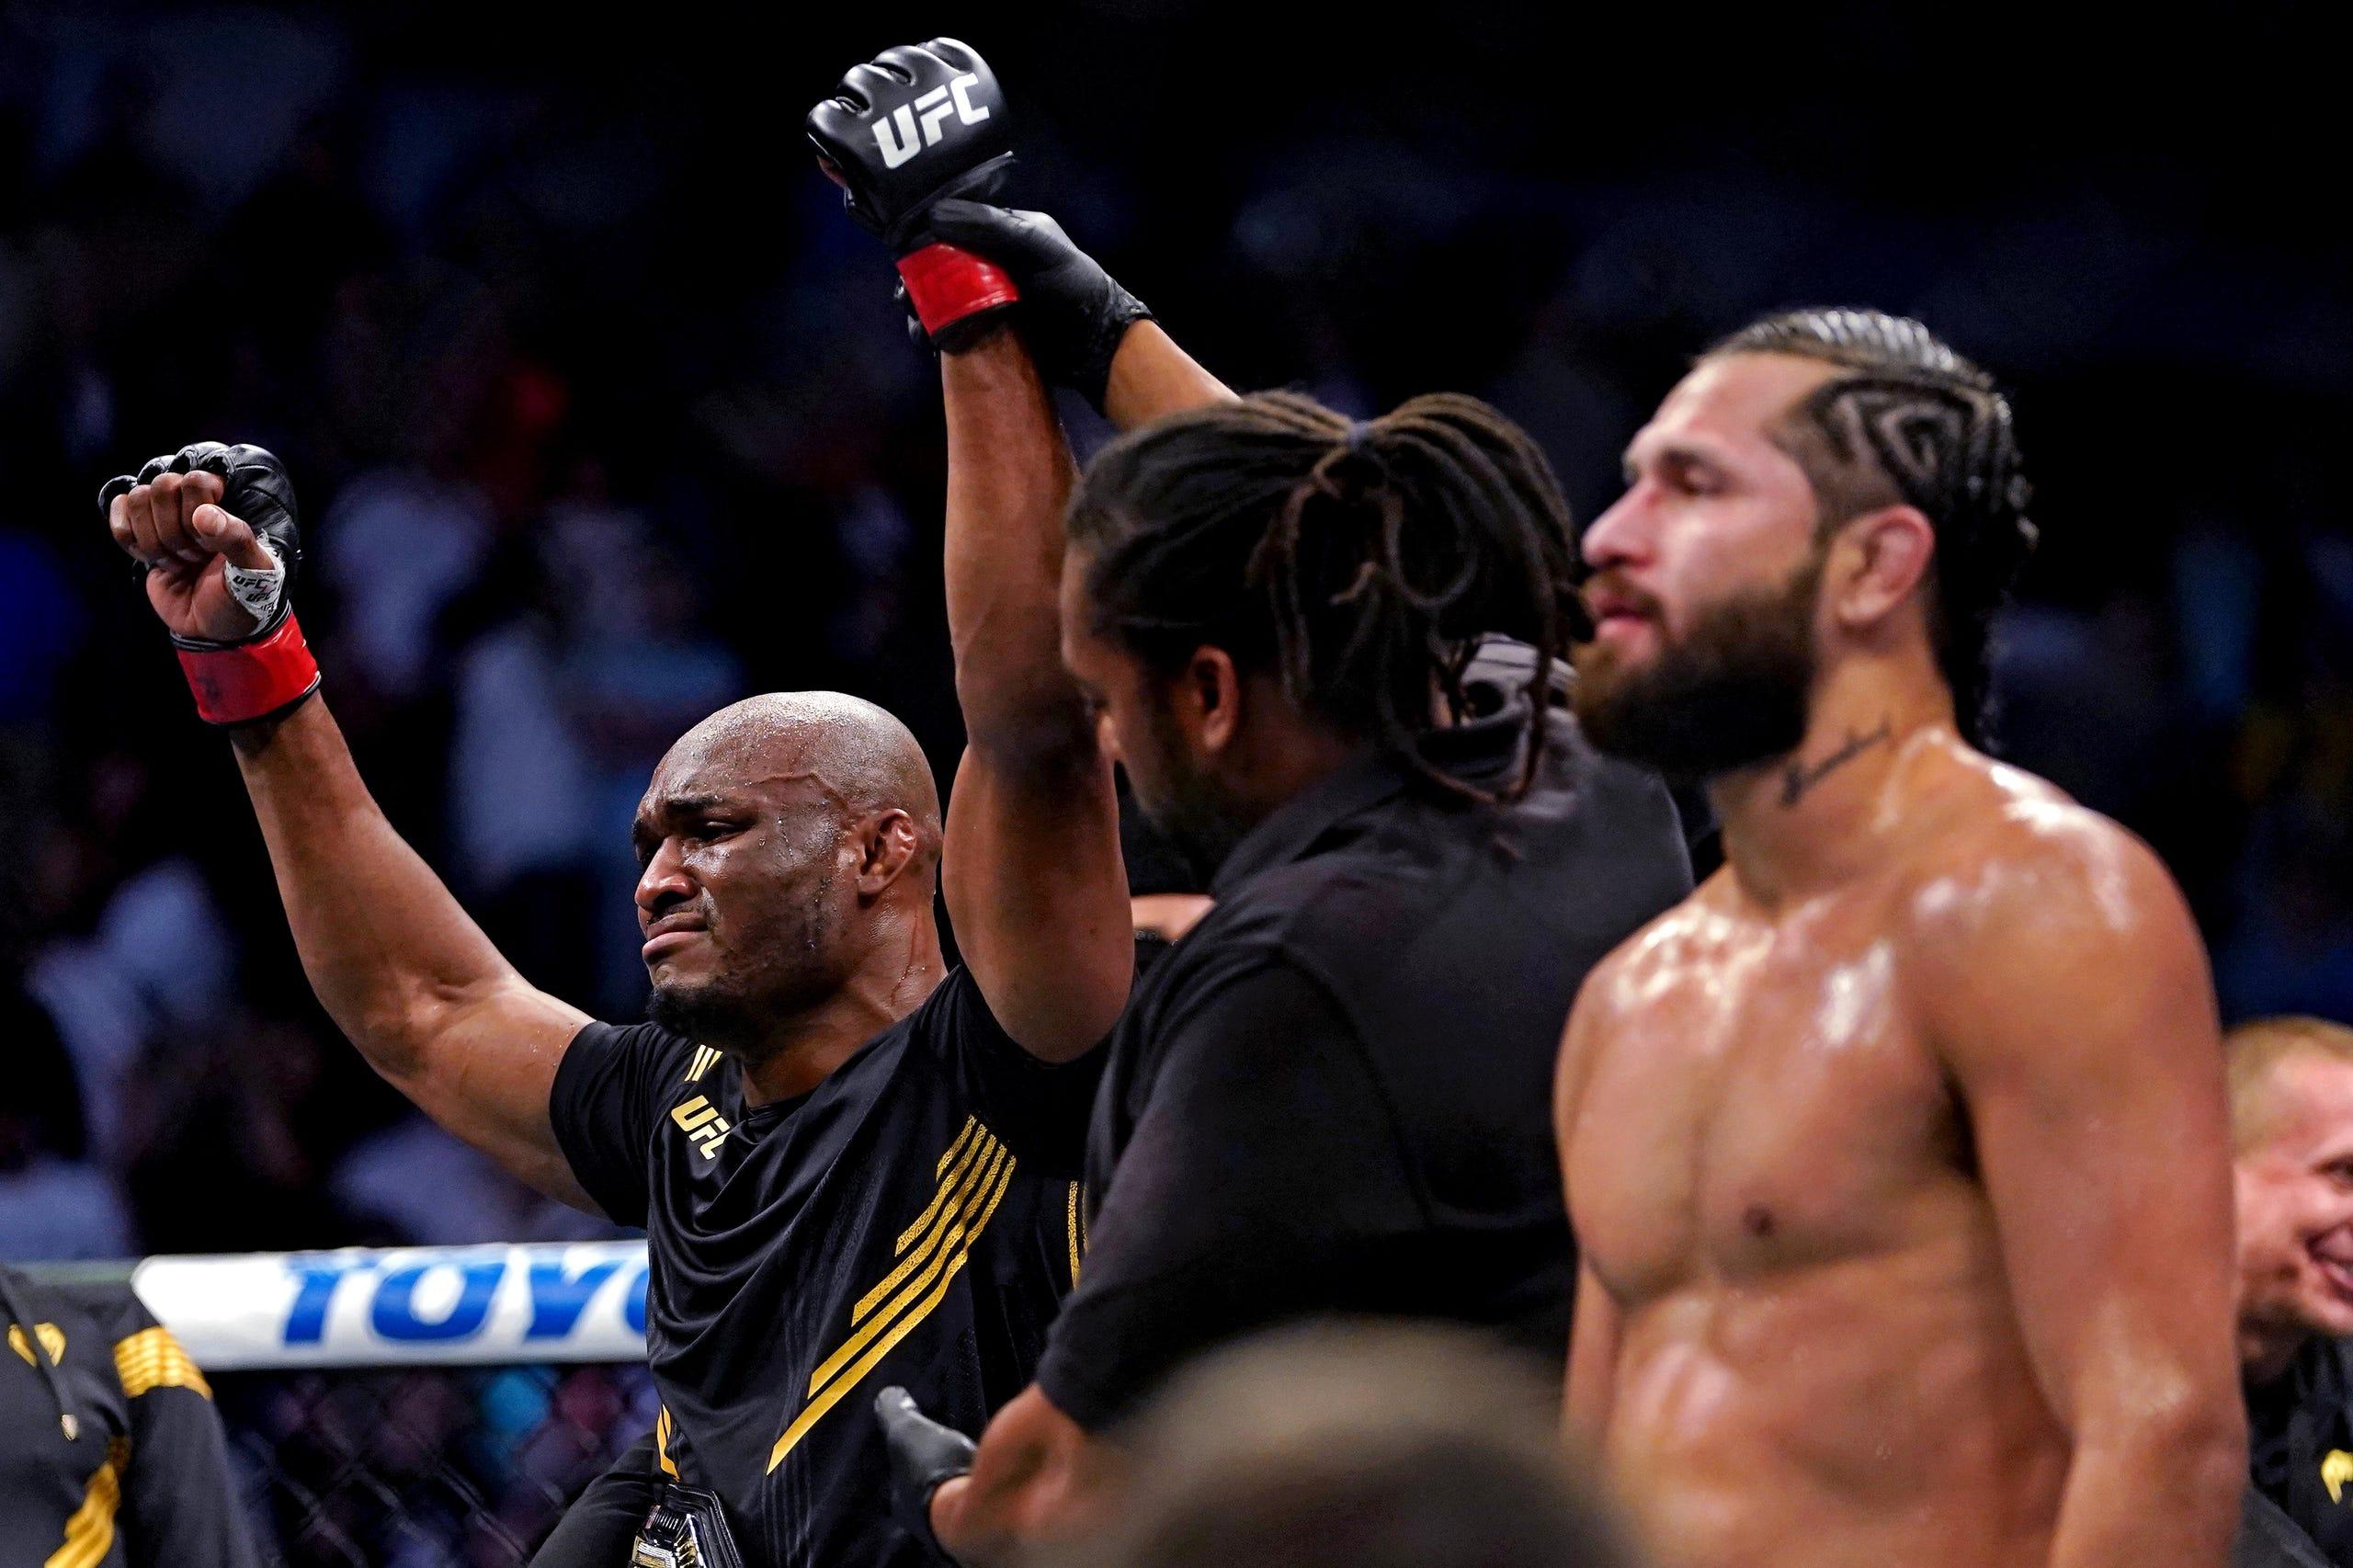 UFC 261: Best photos from Kamaru Usman vs. Jorge Masvidal 2